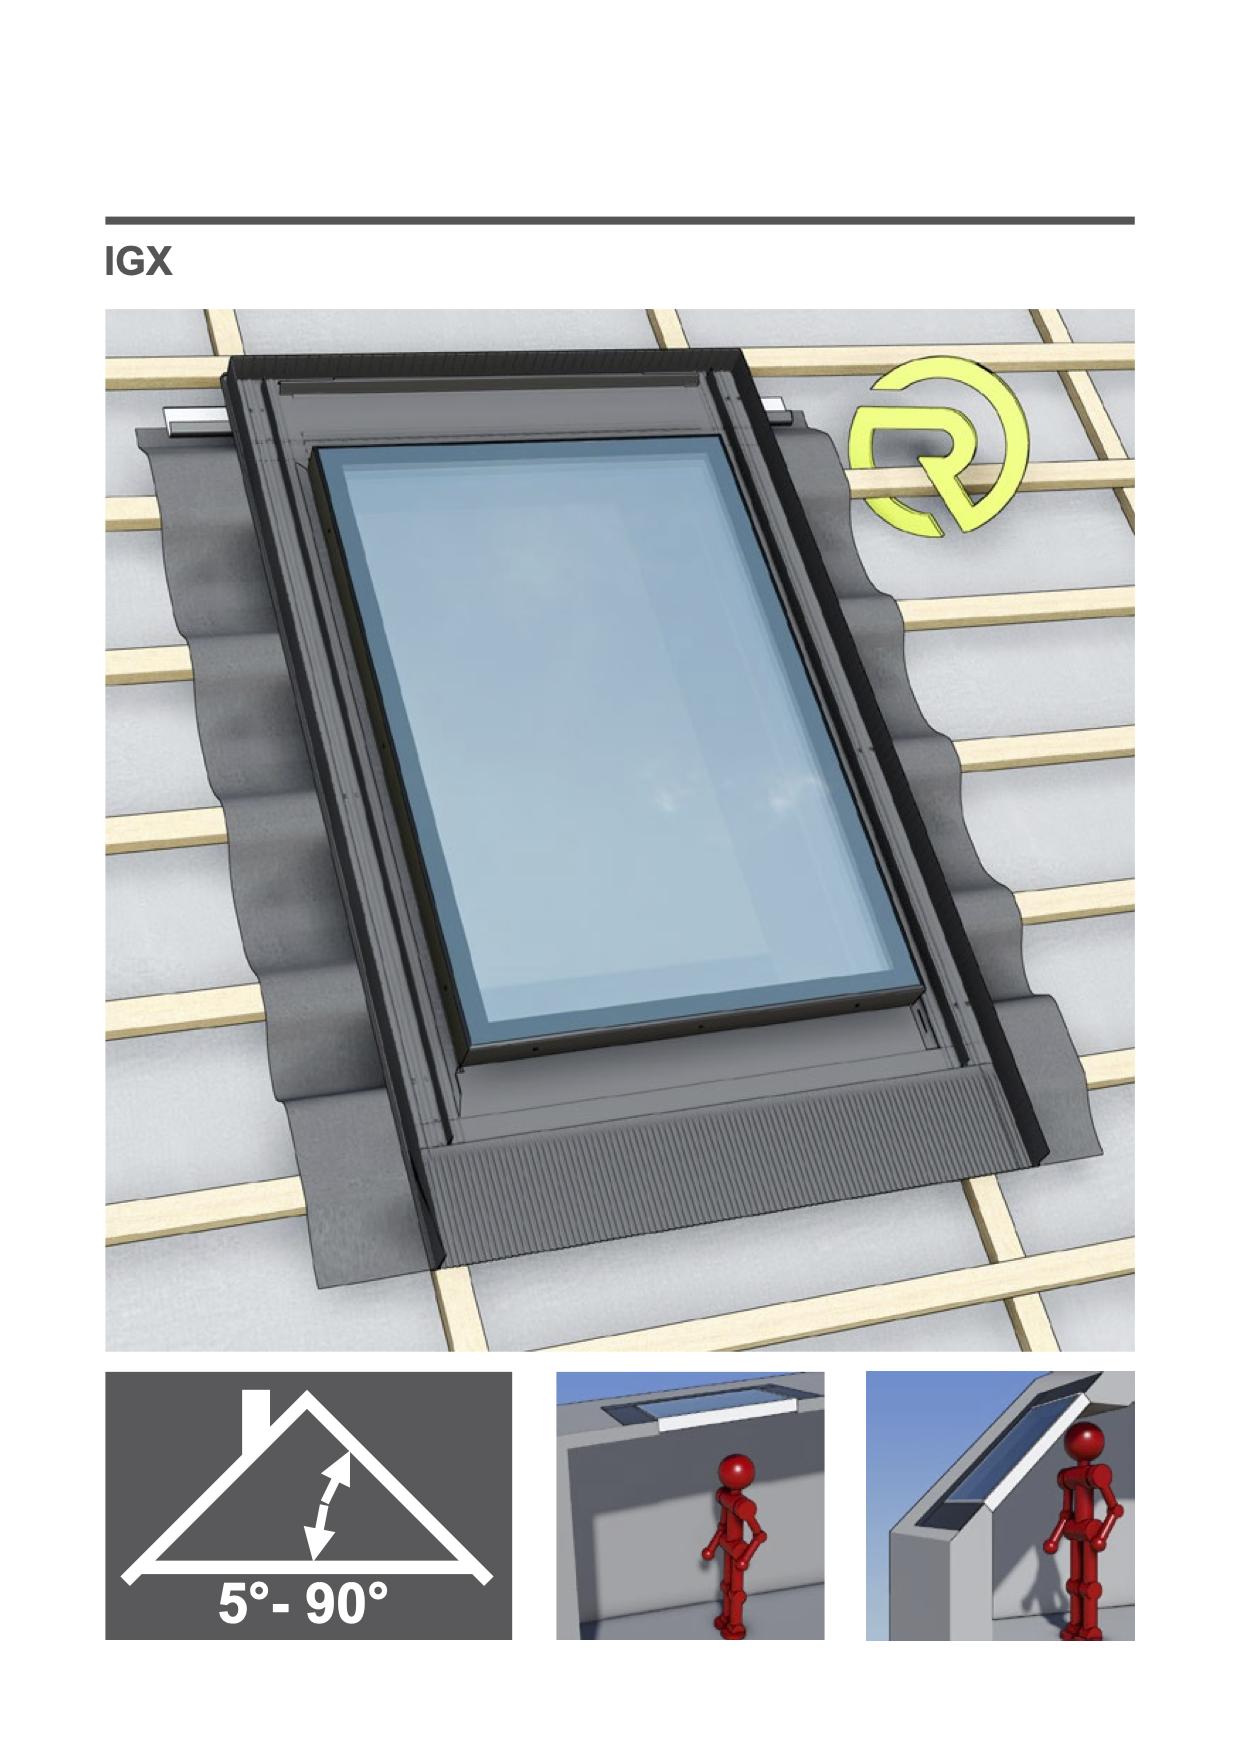 montage handleiding vast dakvenster Intura IGX F1